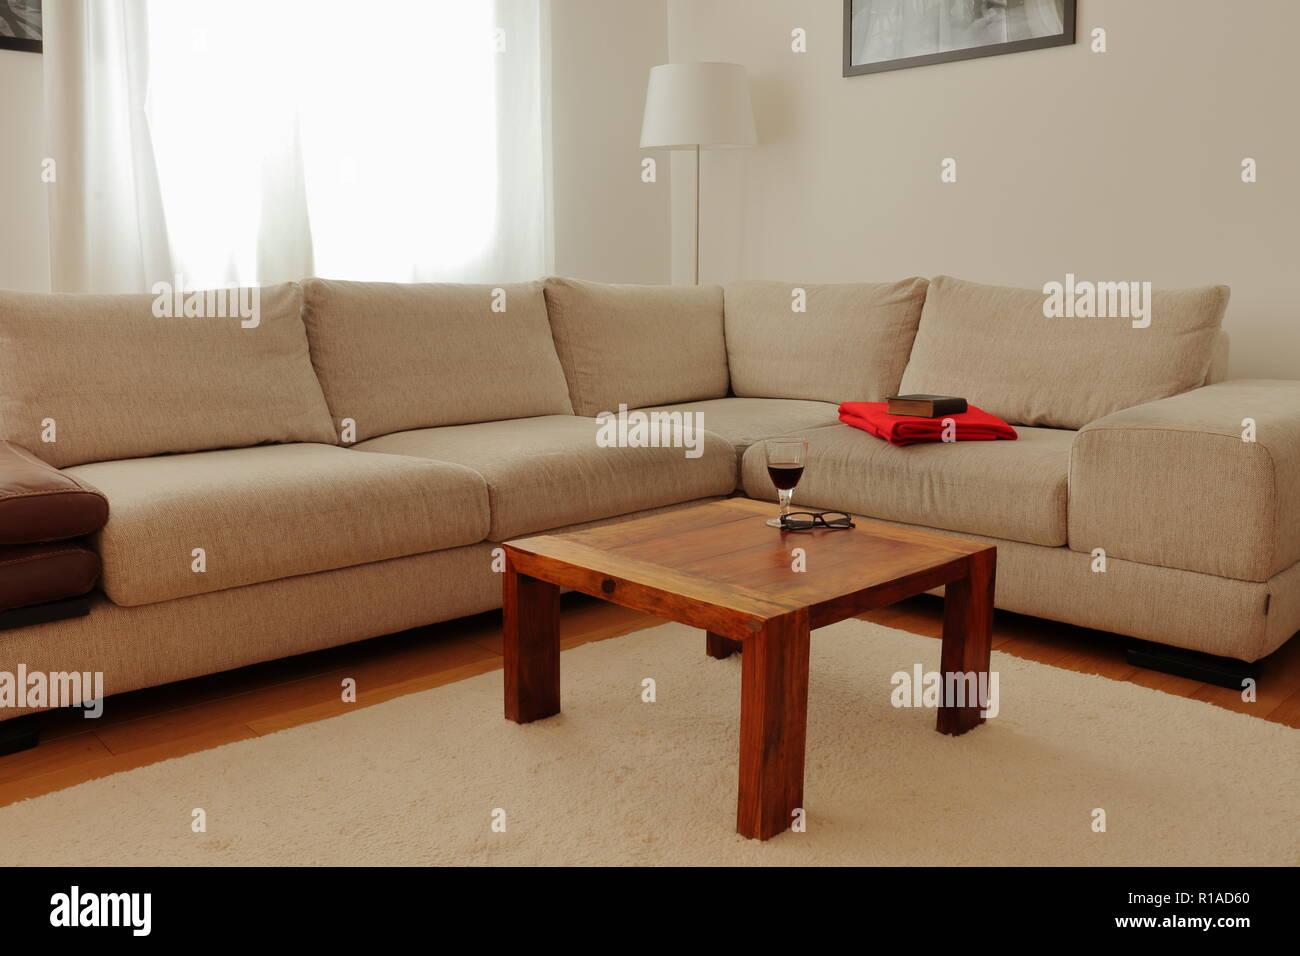 Wohnzimmer Mit Einer Creme Ecke Couch Couchtisch Und Cremefarbenen